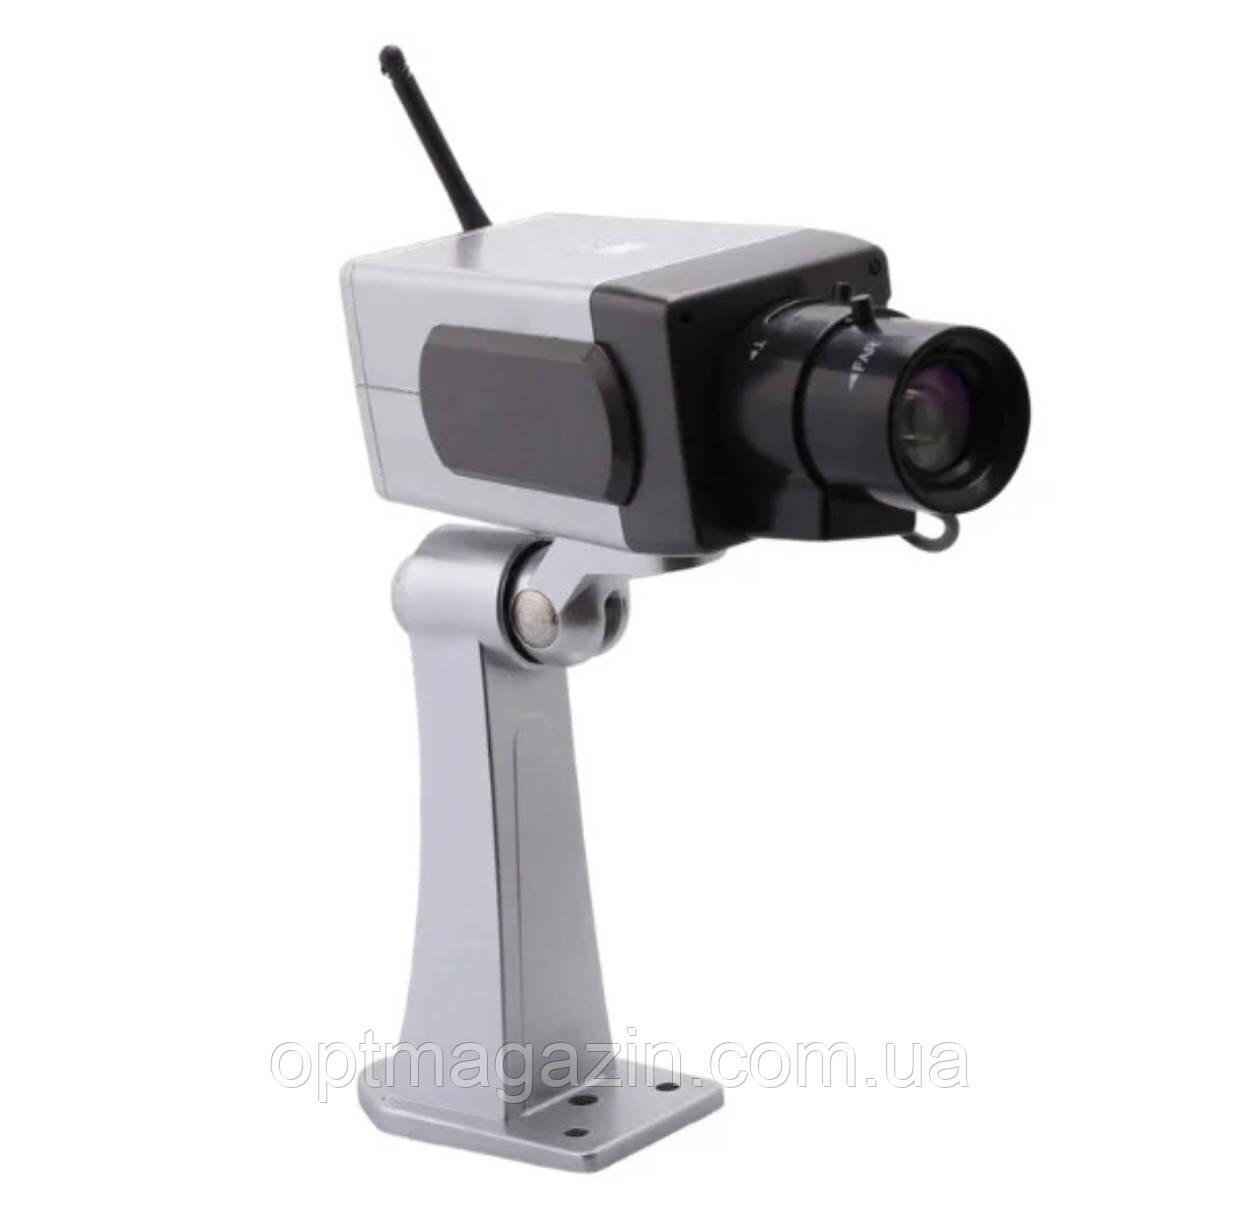 Муляж камери відеоспостереження WIRELESS з рухом